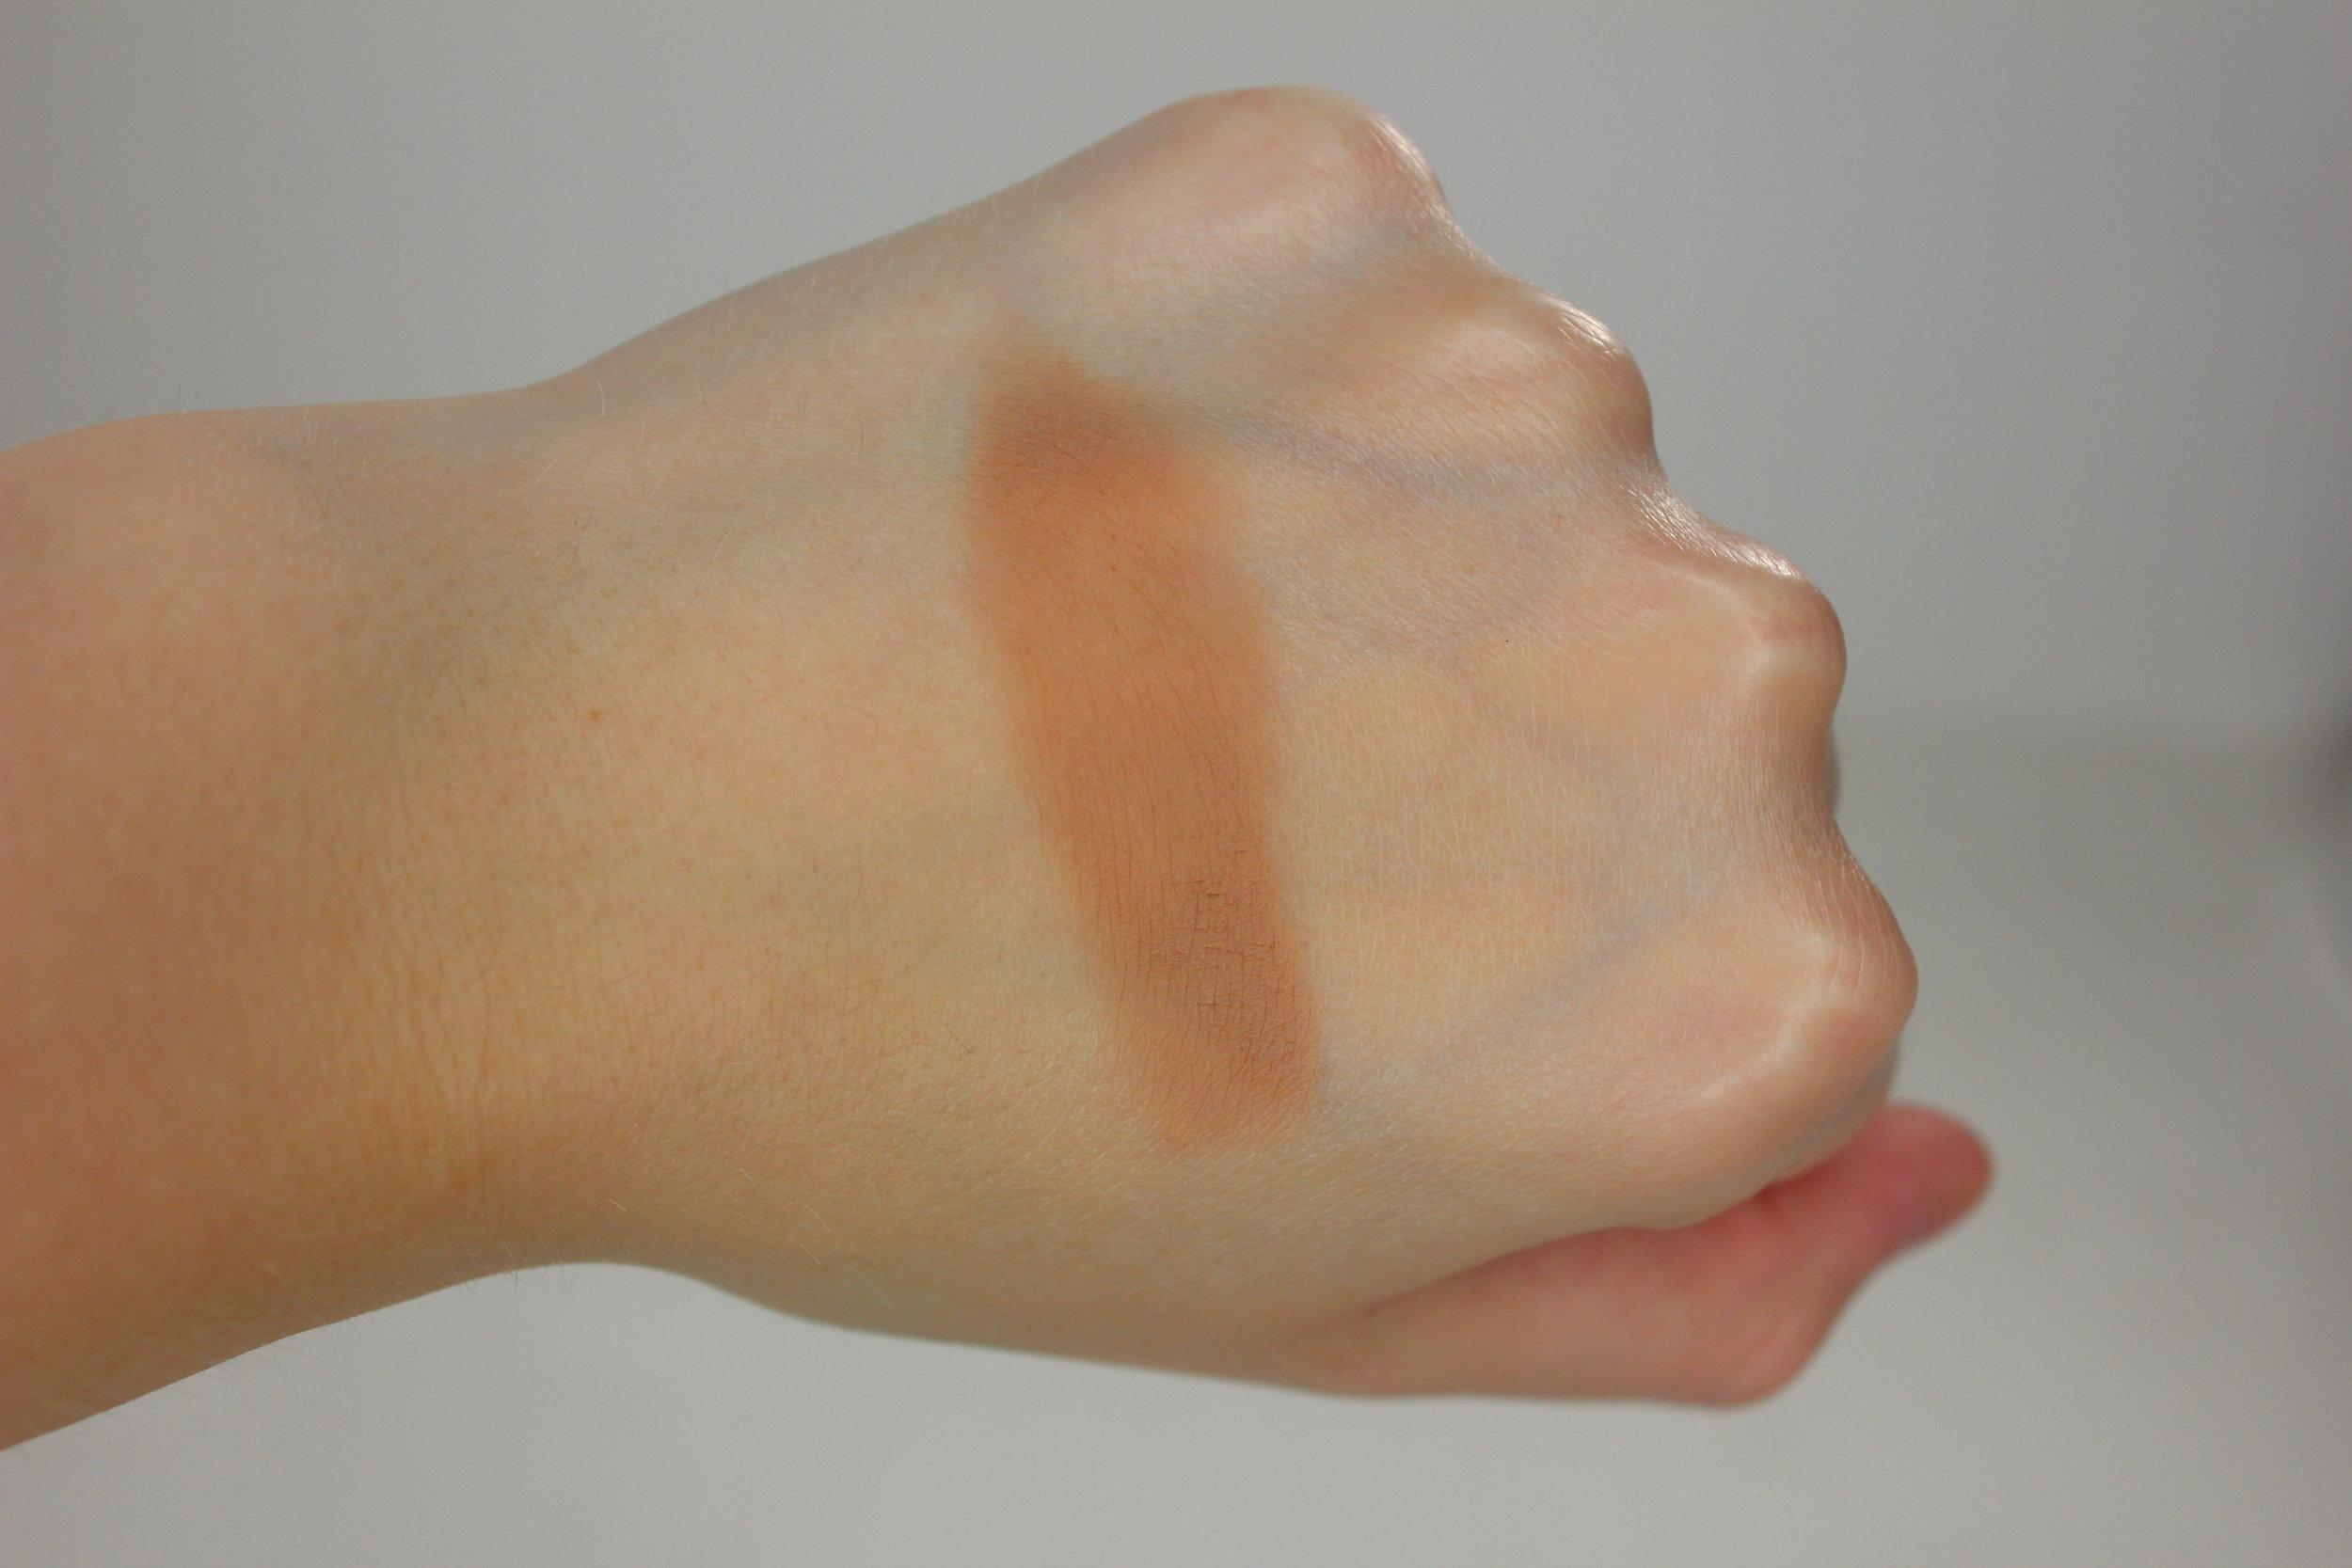 Lorac Pro Contour Palette - Light Contour Swatch 2